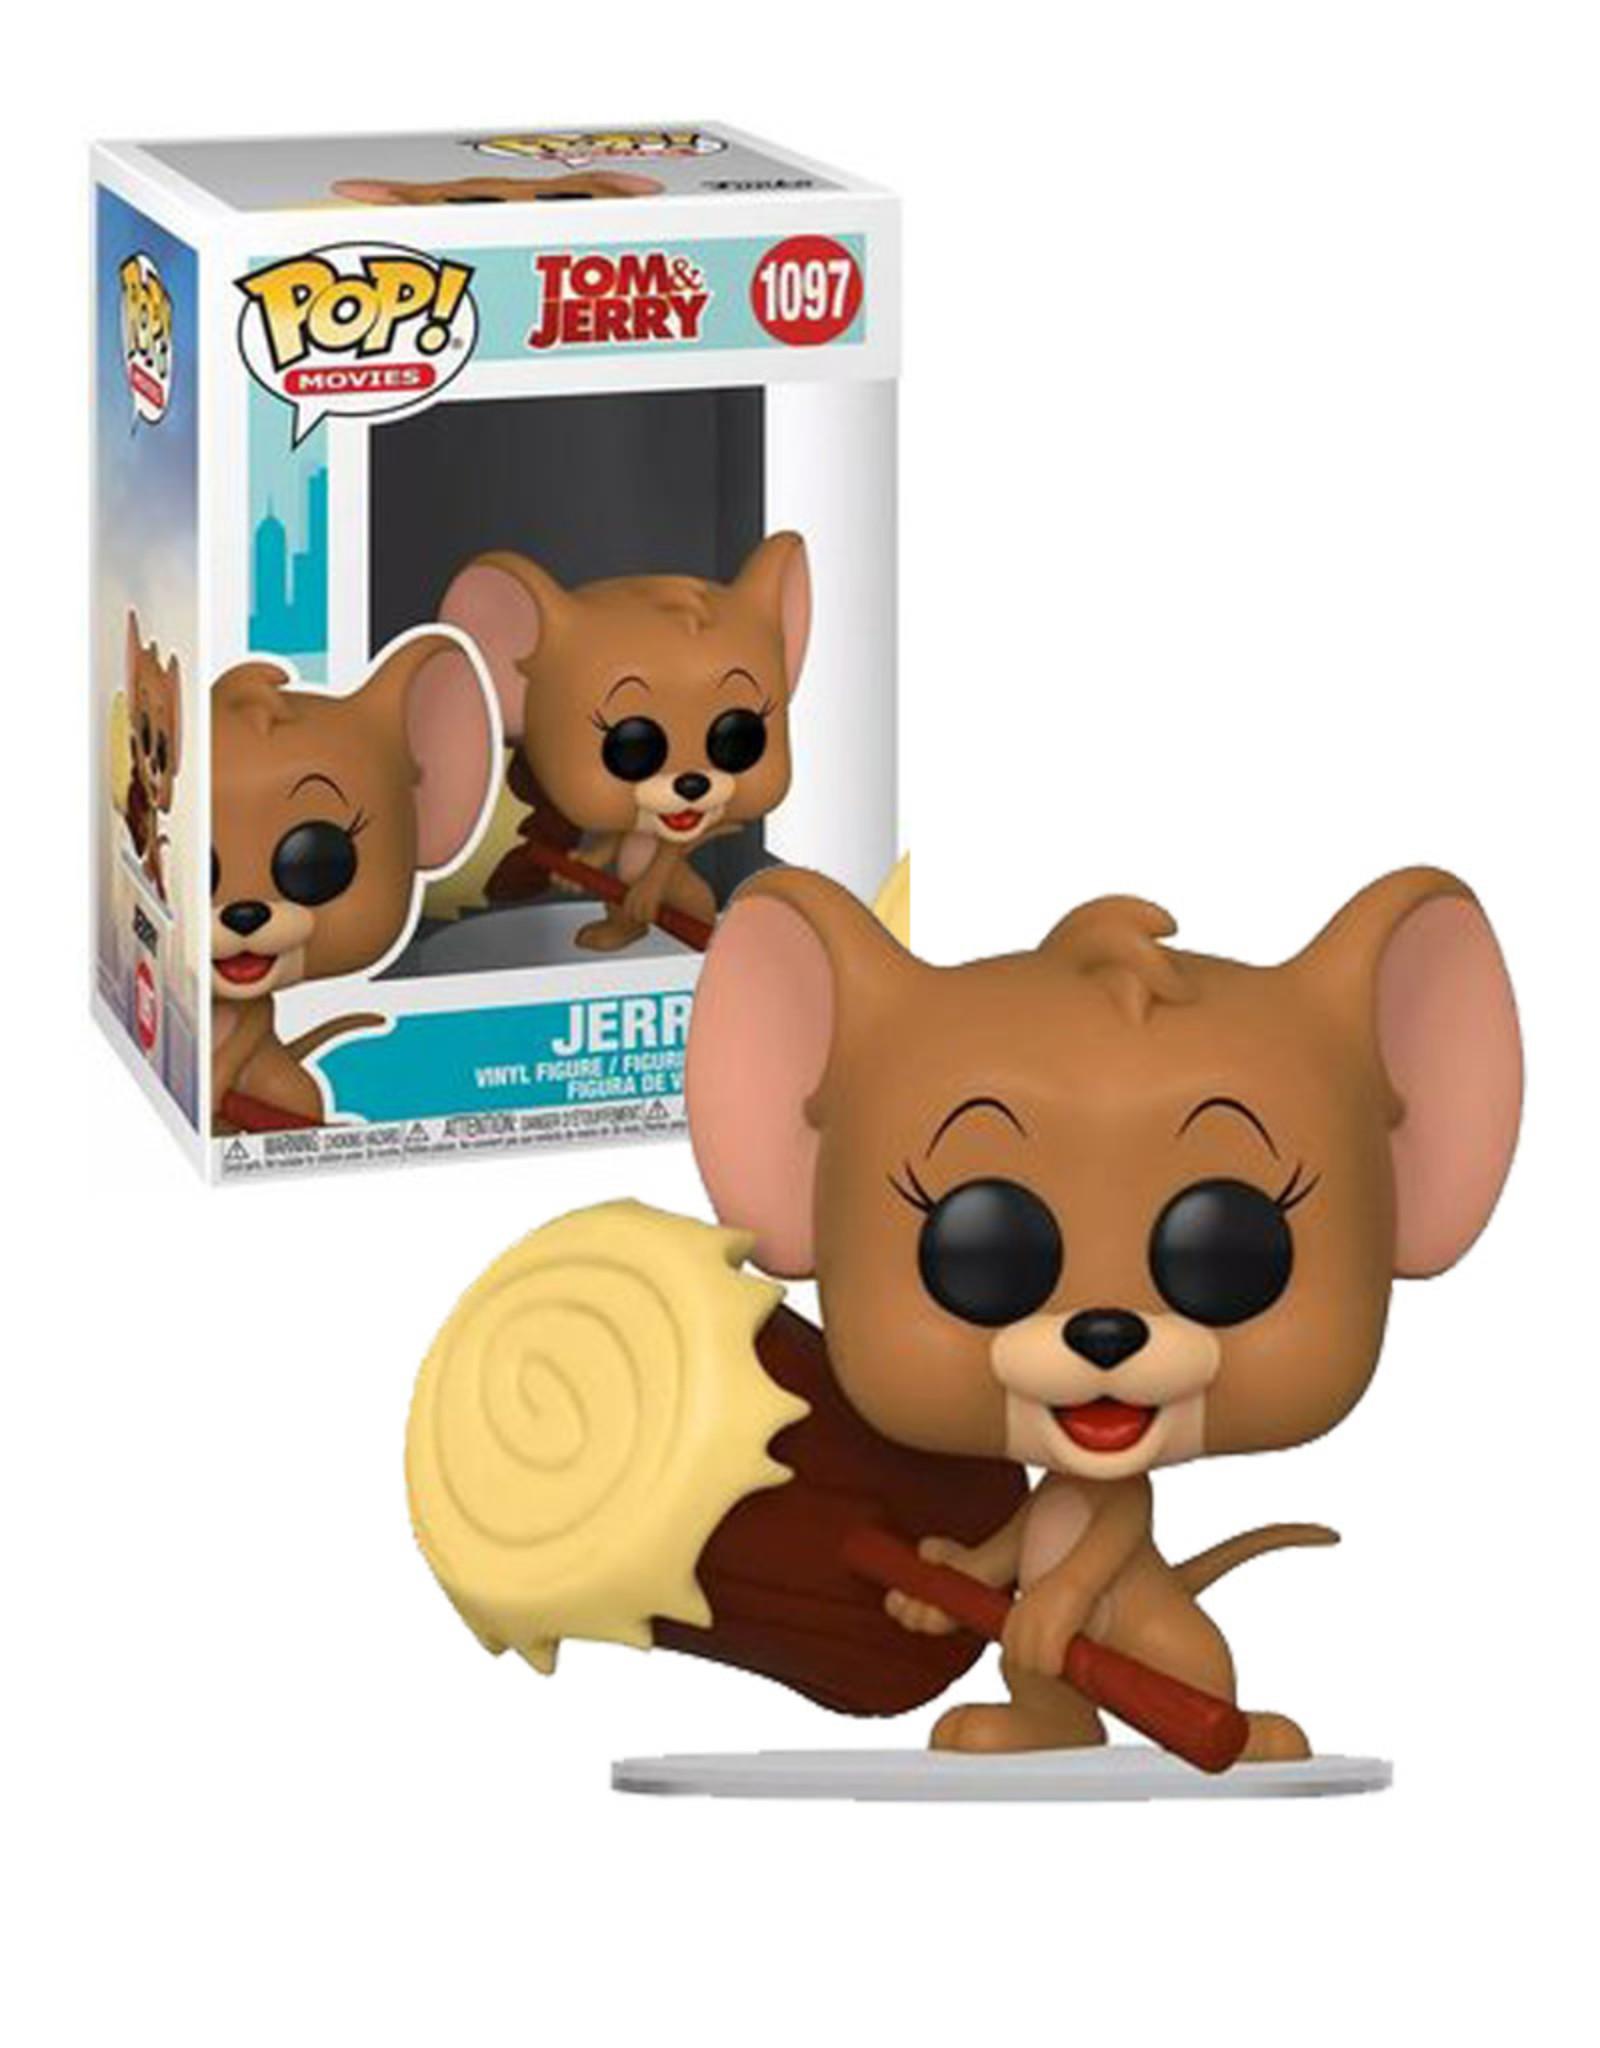 Tom & Jerry 1097 ( Funko Pop ) Jerry